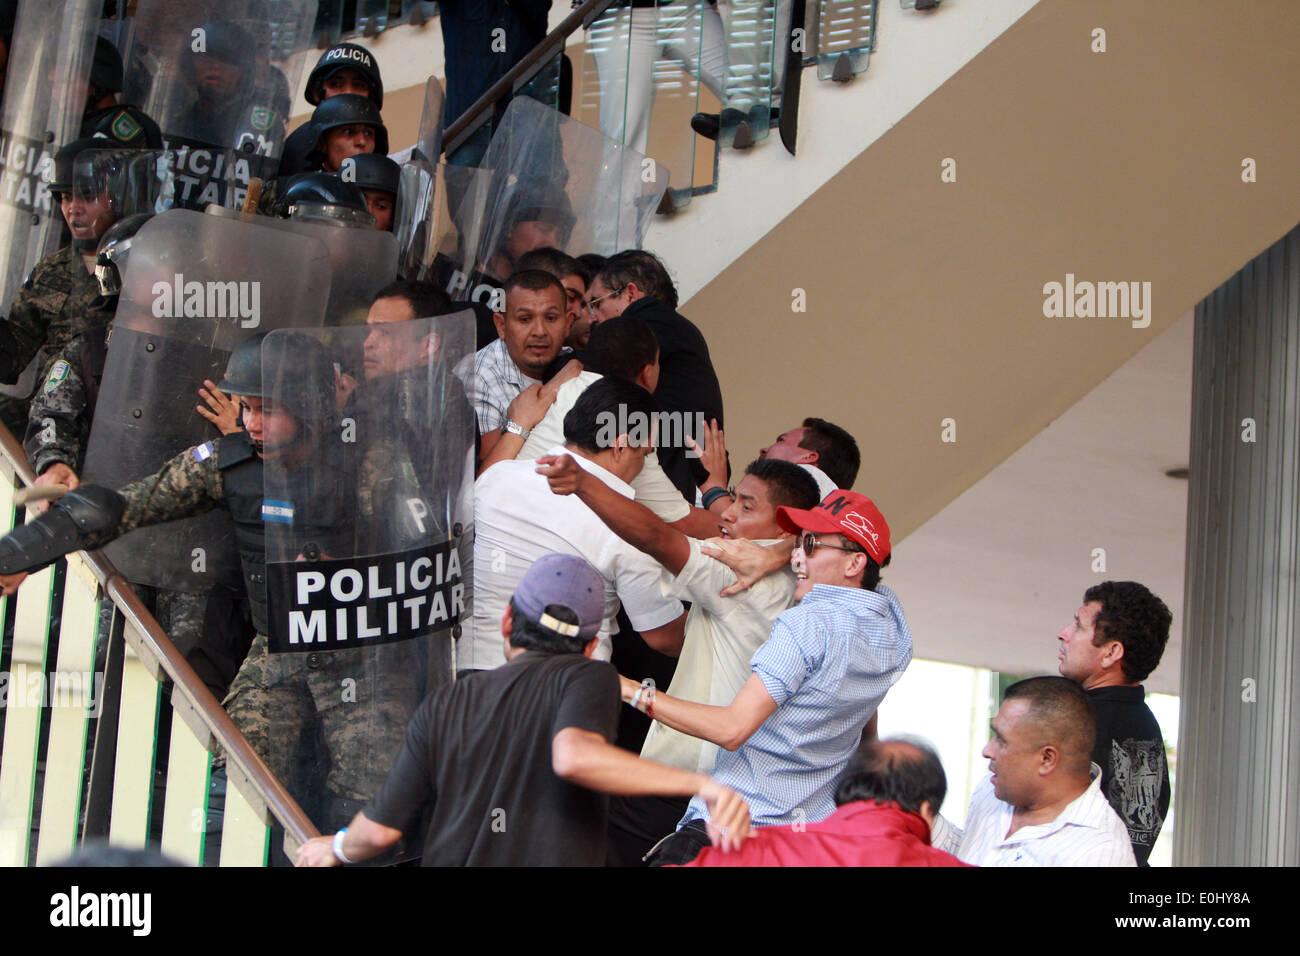 Tegucigalpa, Honduras. 13 mai, 2014. Des éléments de la police et des partisans de l'ancien président du Honduras Manuel Zelaya choc devant le Congrès national à Tegucigalpa, Honduras, le 13 mai 2014. Partisans et des députés du Parti de la refondation et de la Liberté (Libre, pour son sigle en espagnol), la seconde force politique au Honduras, a éclaté dans le Congrès national le mardi, après des affrontements avec des éléments de la police qui gardait le Palais législatif. Credit: Rafael Ochoa/Xinhua/Alamy Live News Banque D'Images